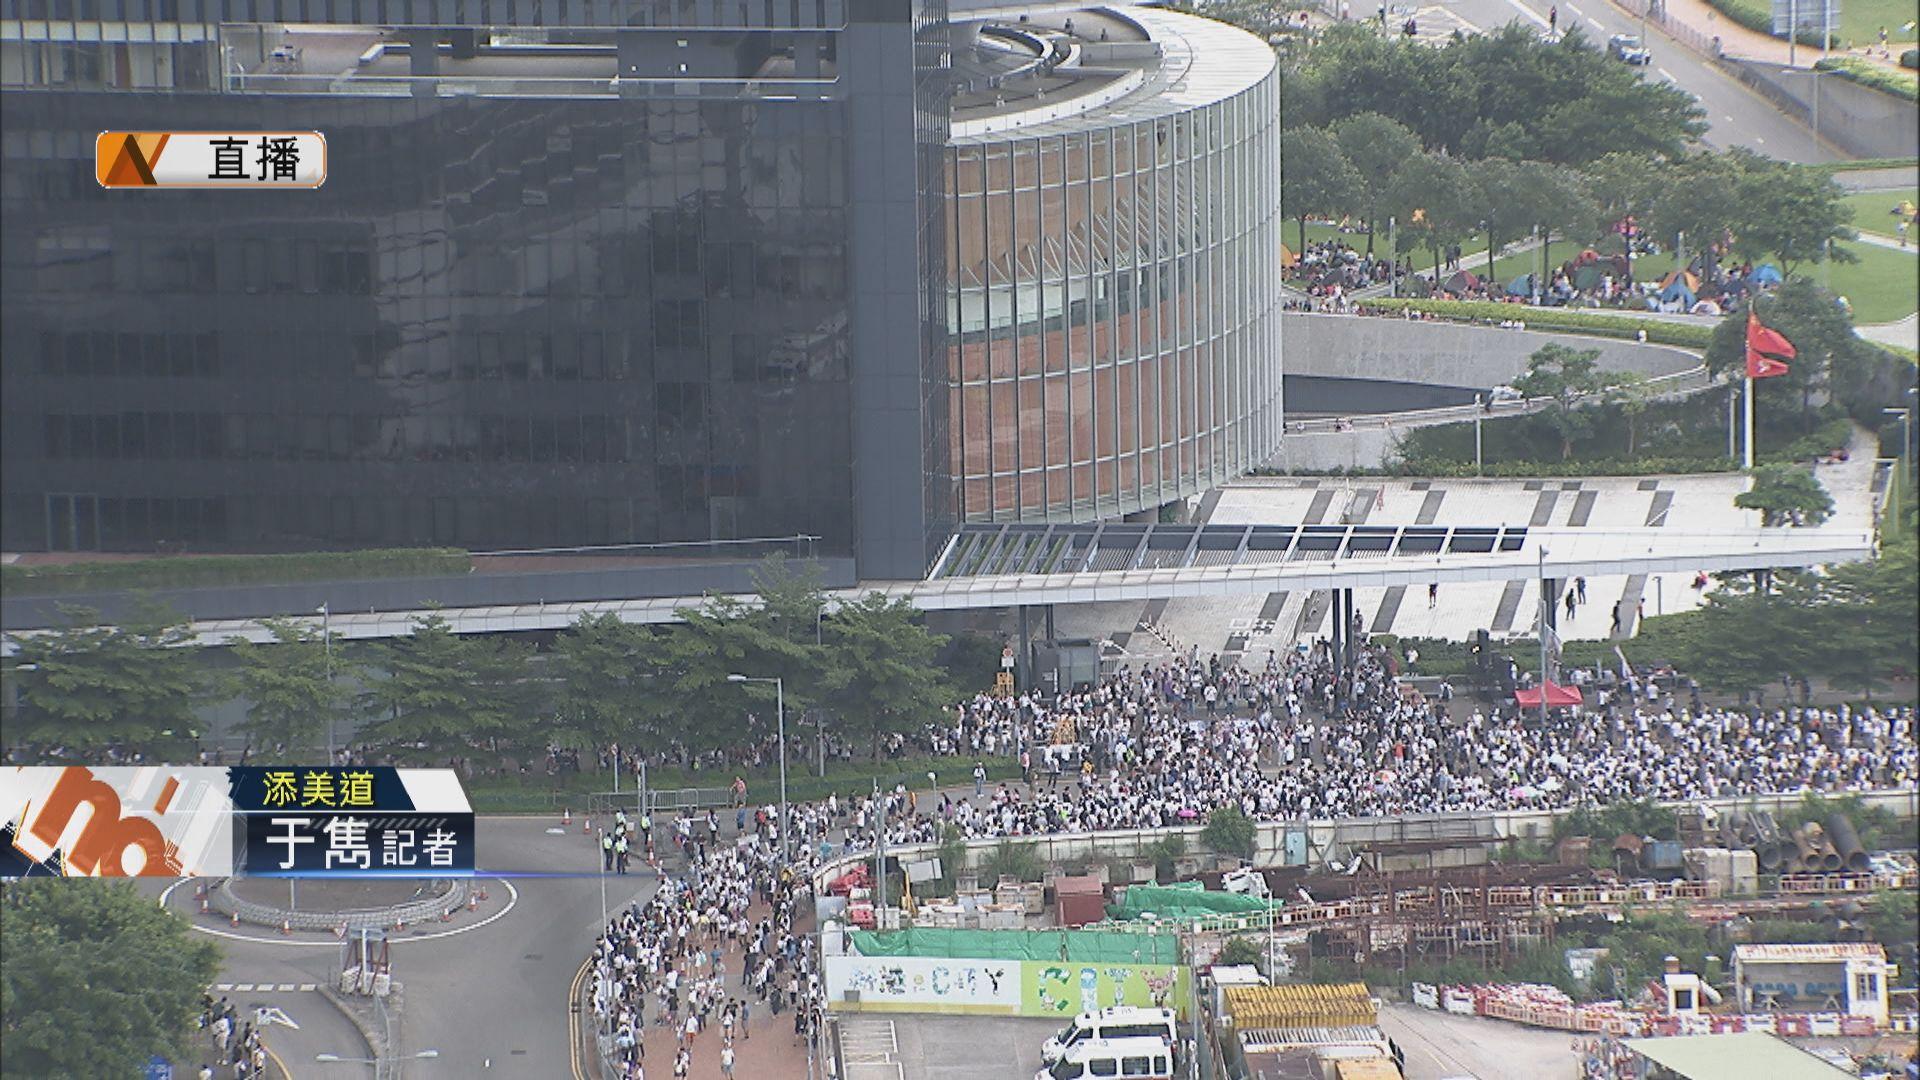 【最新】遊行隊頭抵達金鐘政府總部